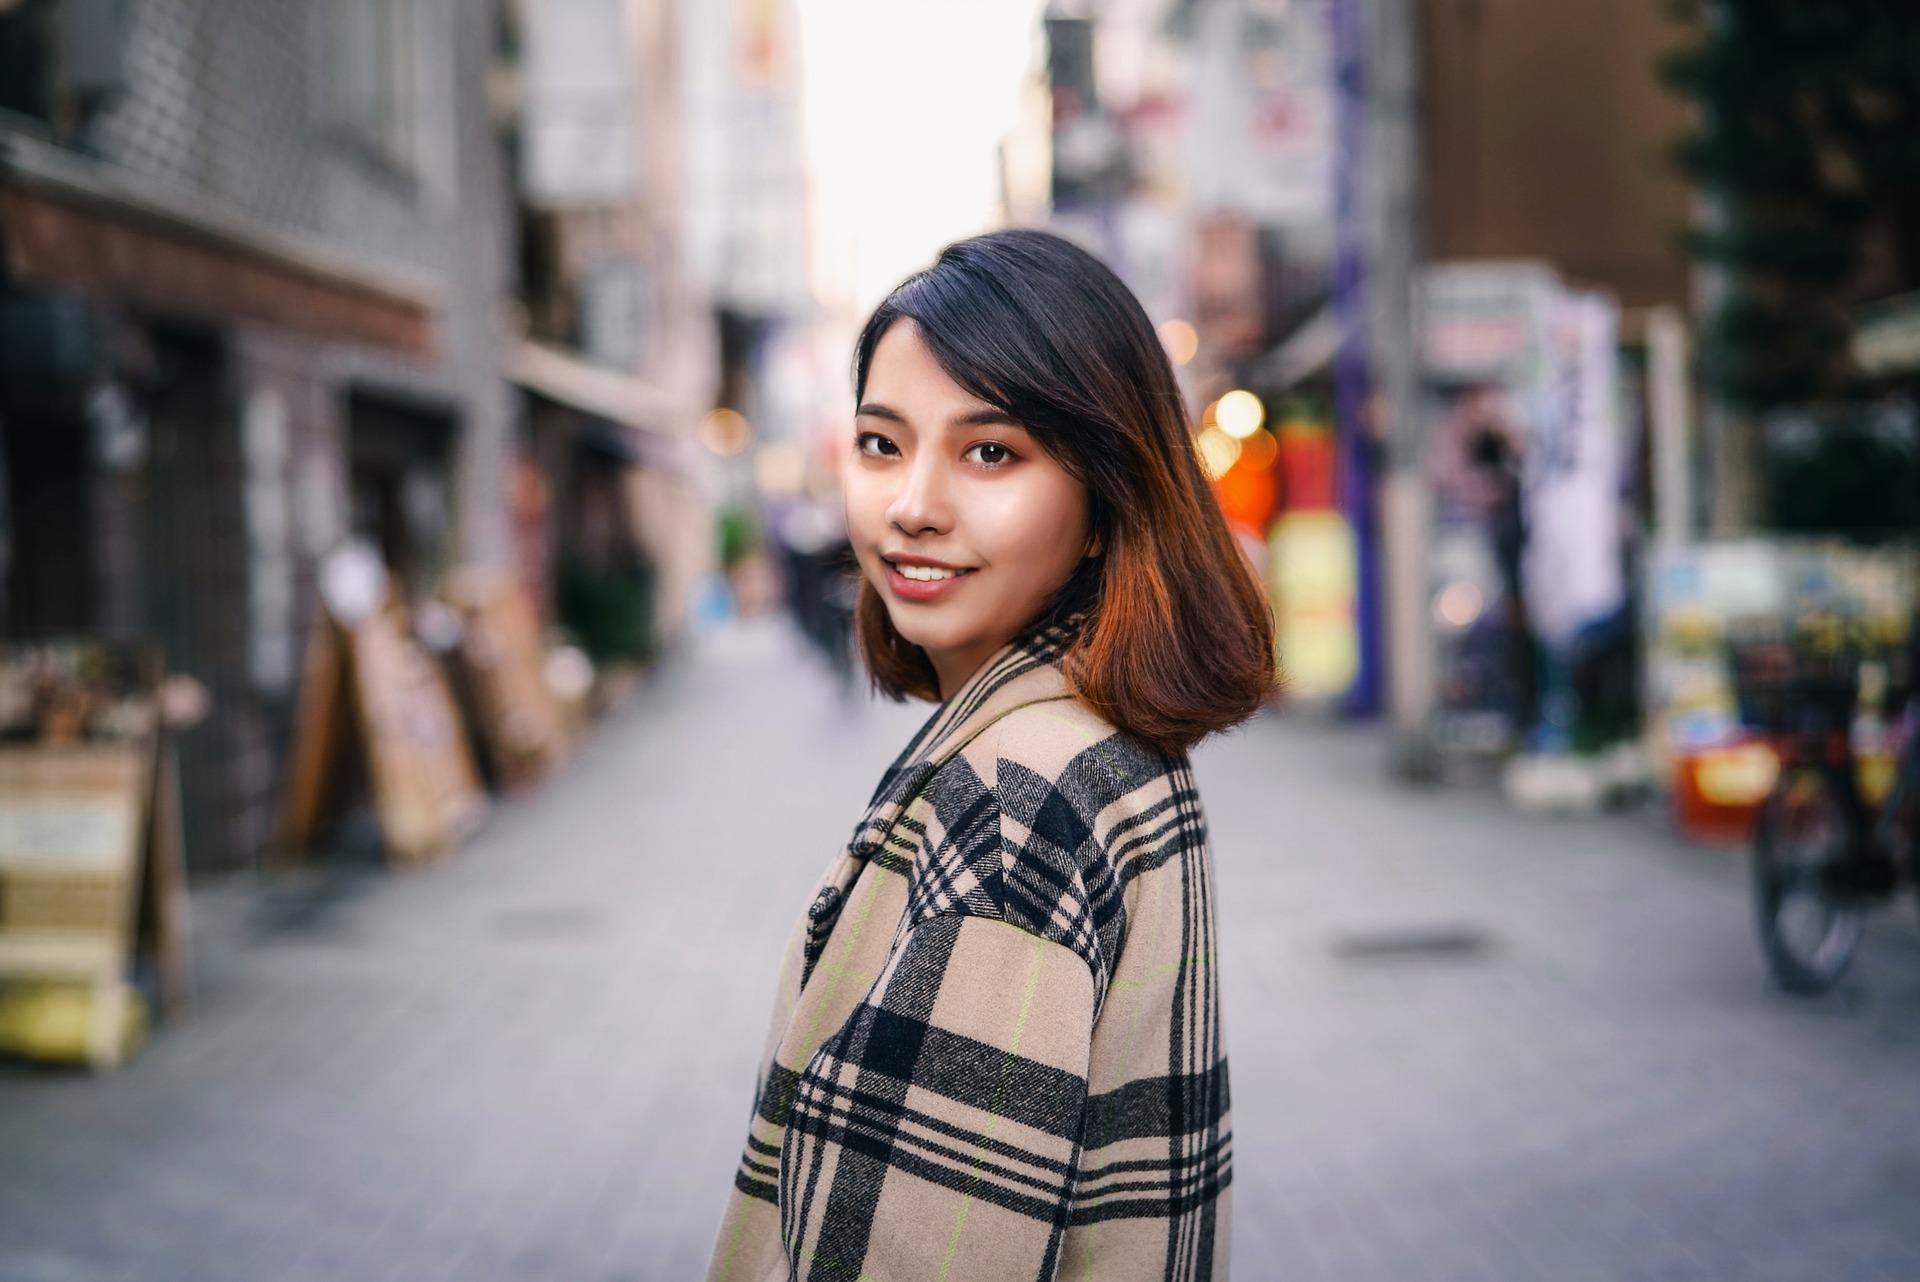 Японская компания разрешает работникам брать отпуск, если их любимый кумир завершил карьеру или завел семью